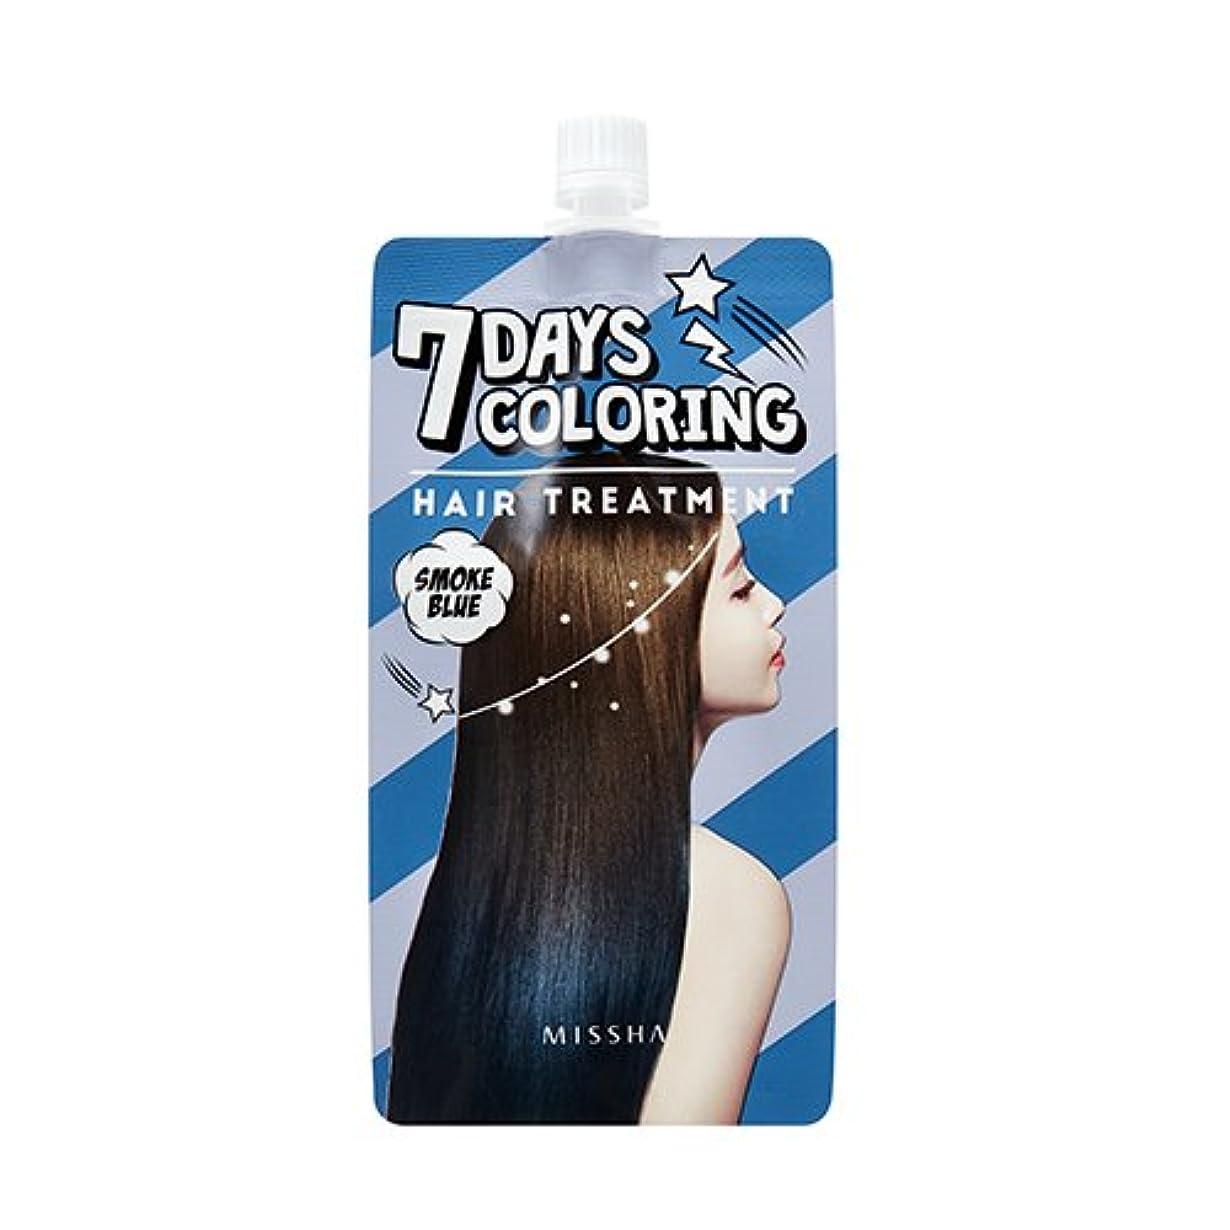 いわゆる男やもめ今後[1+1] MISSHA Seven Days Coloring Hair Treatment SMOKE BLUE /ミシャ セブンデイズカラーリングヘアトリートメント (SMOKE BLUE) [並行輸入品]